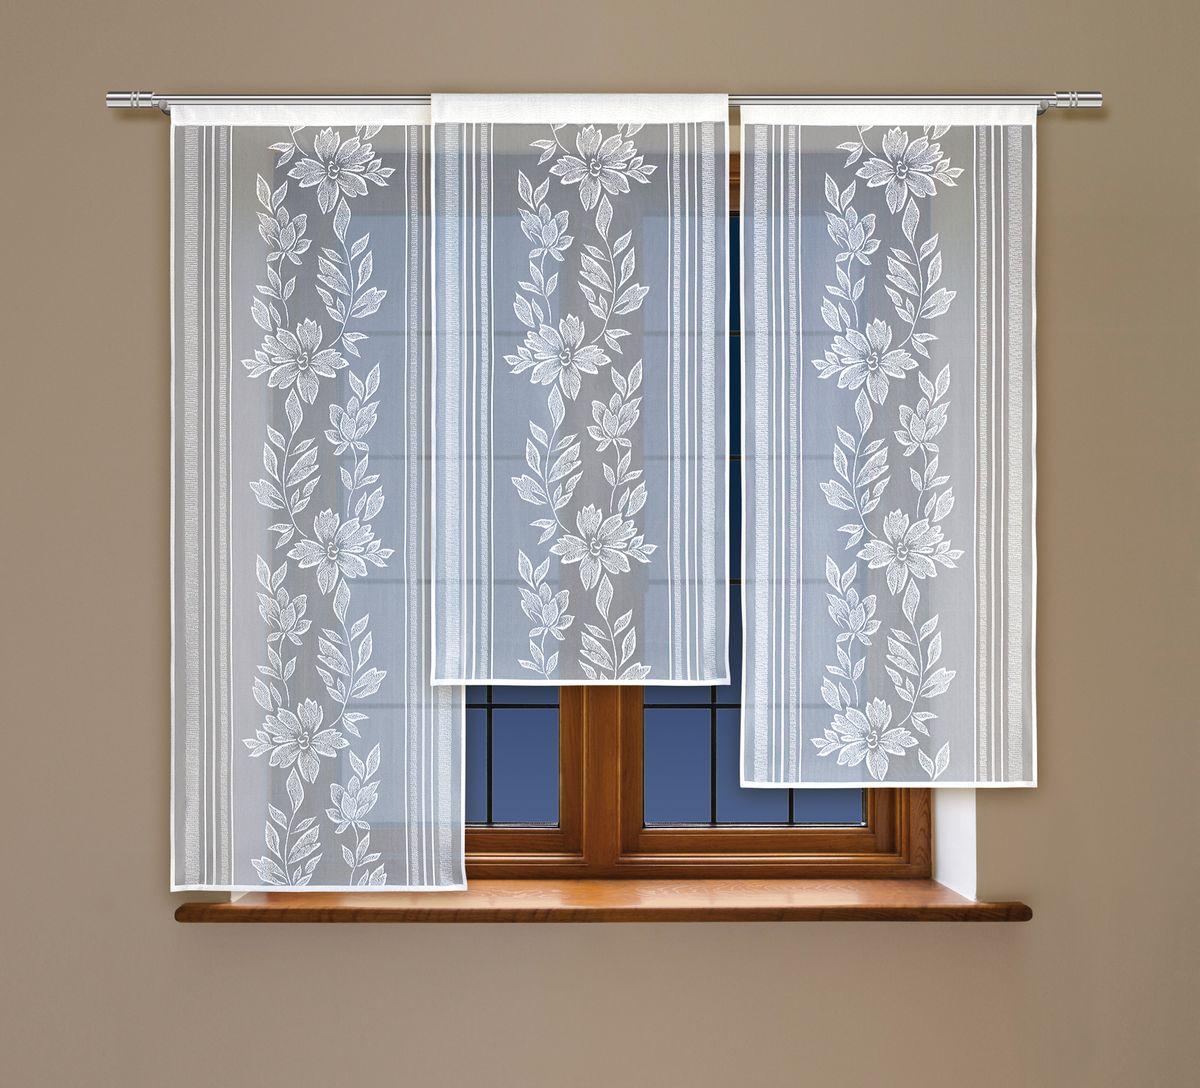 Комплект гардин Haft, на кулиске, цвет: белый, 3 шт. 212050212050Воздушные гардины Haft великолепно украсят любое окно. Комплект состоит из трех гардин, выполненных из полиэстера. Изделие имеет оригинальный дизайн и органично впишется в интерьер помещения. Комплект крепится на карниз при помощи кулиски. Размеры гардин: 160 х 60 см; 140 х 60 см; 120 х 60 см.